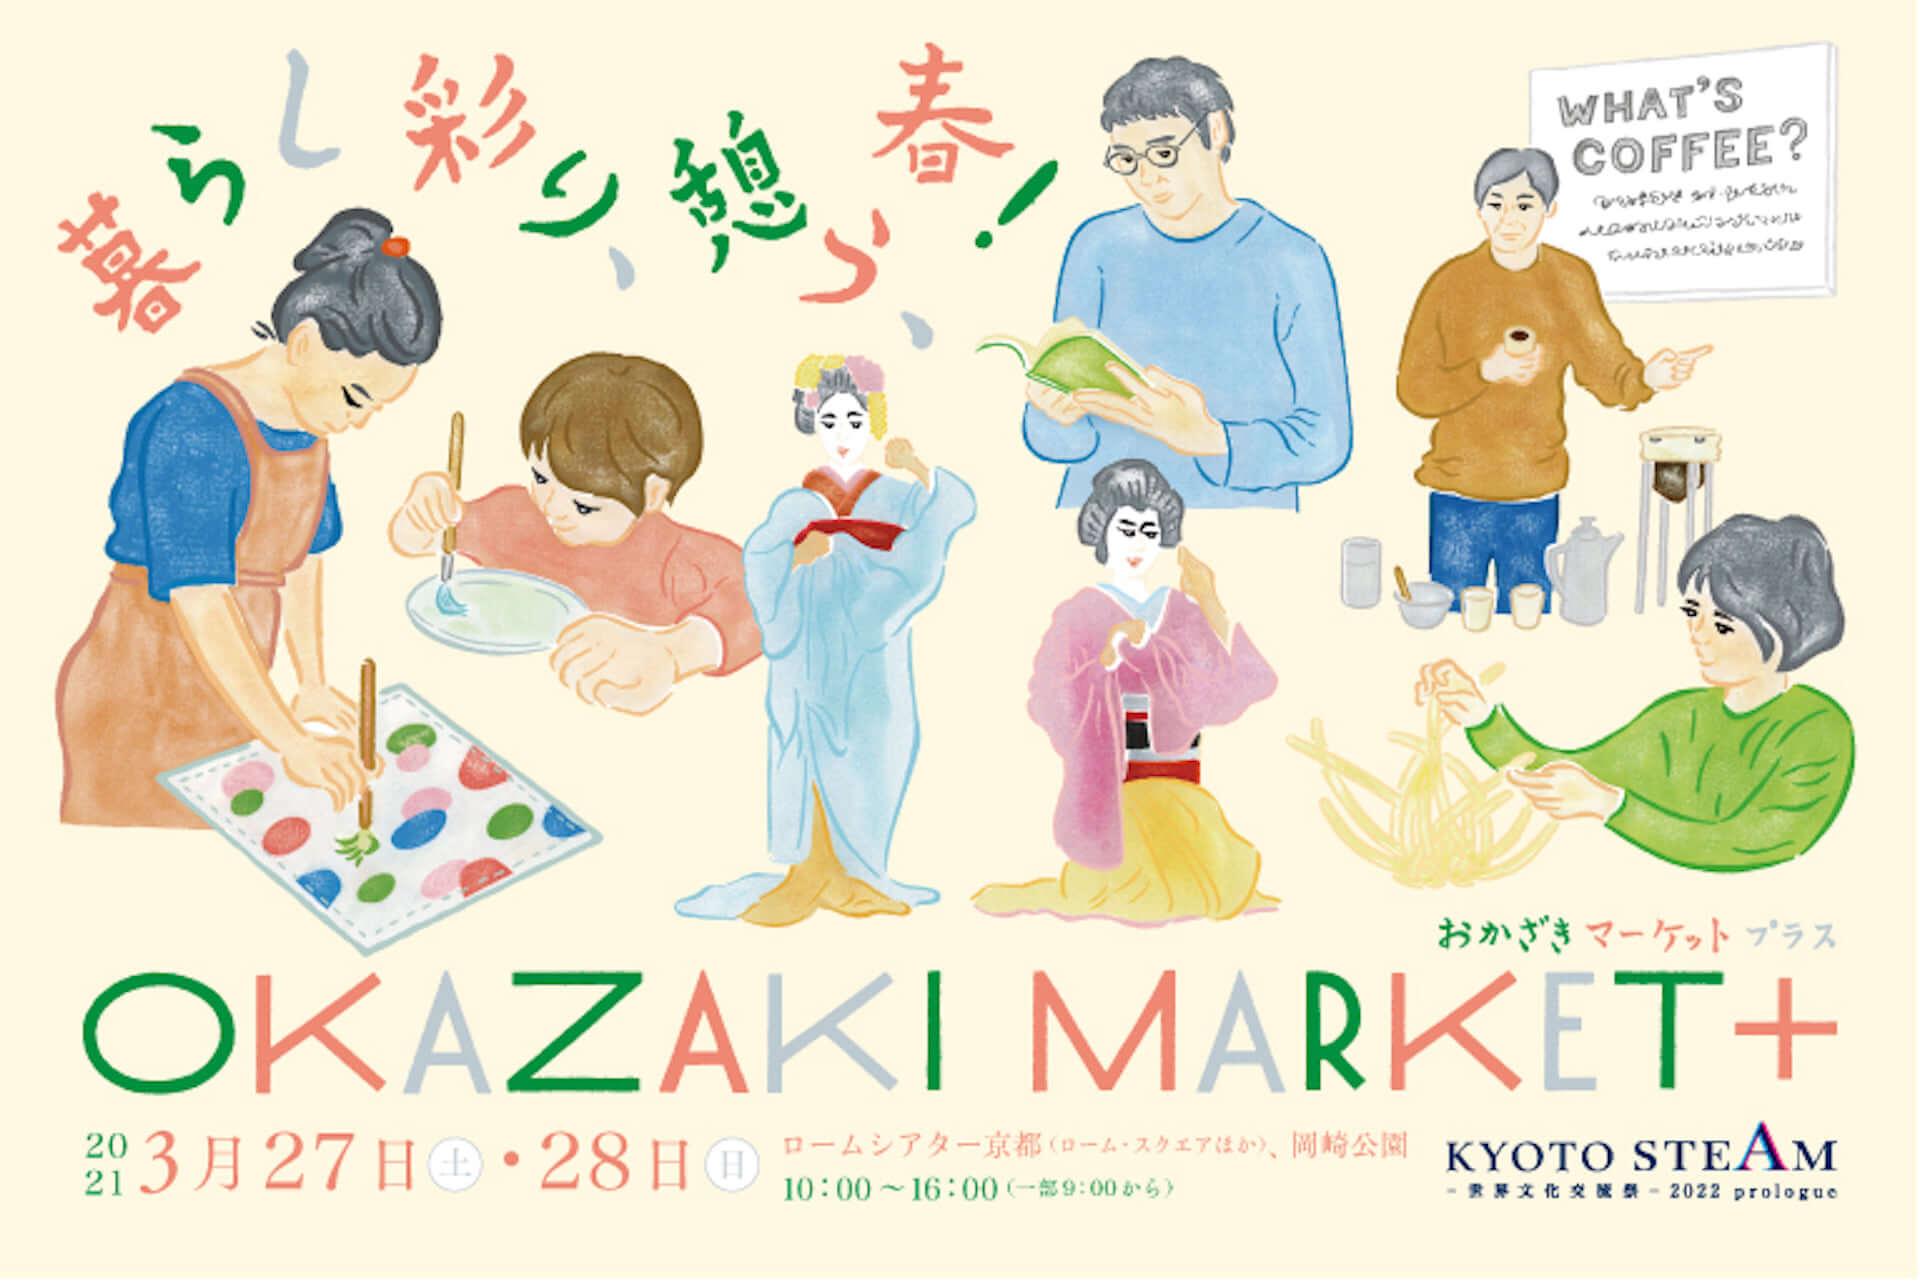 <KYOTO STEAM -世界文化交流祭- 2022 prologue>が開催決定!<MUTEK.JP>とのコラボプロジェクト「NAQUYO」やワークショップなど実施 art210309_kyoto-steam_2-1920x1281